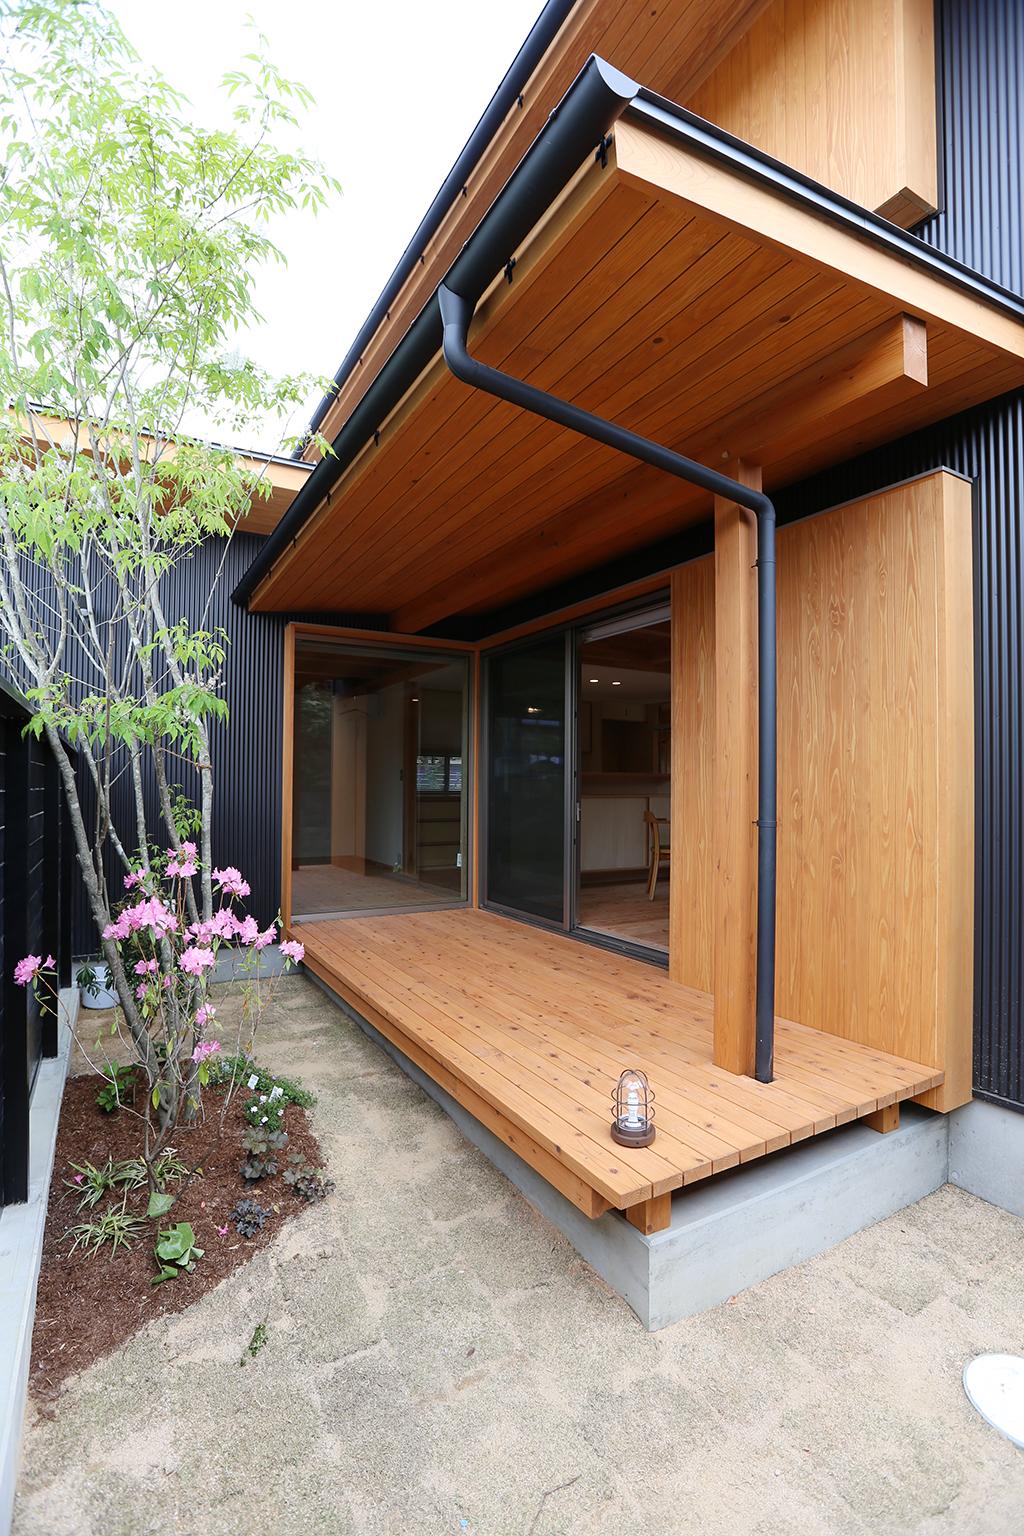 三木市の木の家 屋根のあるウッドデッキ